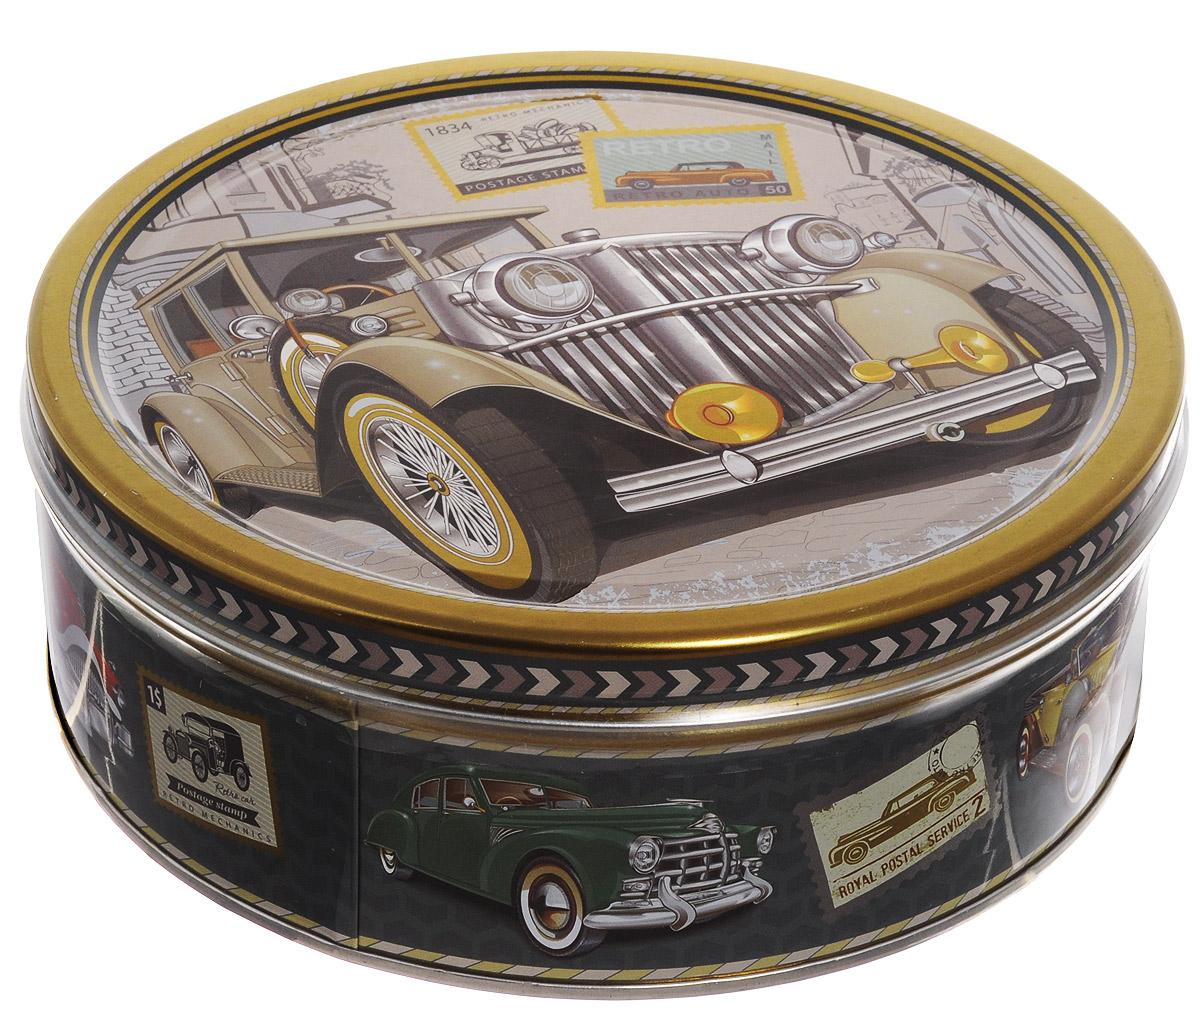 Monte Christo Ретромобиль печенье со сливочным маслом, 400 г4600416018192_бежевый автомобильMonte Christo Ретромобиль - 100% сдобное печенье со сливочным маслом - продукт ГК Сладкая сказка. Идеальный подарок к любому значимому событию. Полный цикл производства на фабрике МАК-Иваново включает также изготовление самой банки.